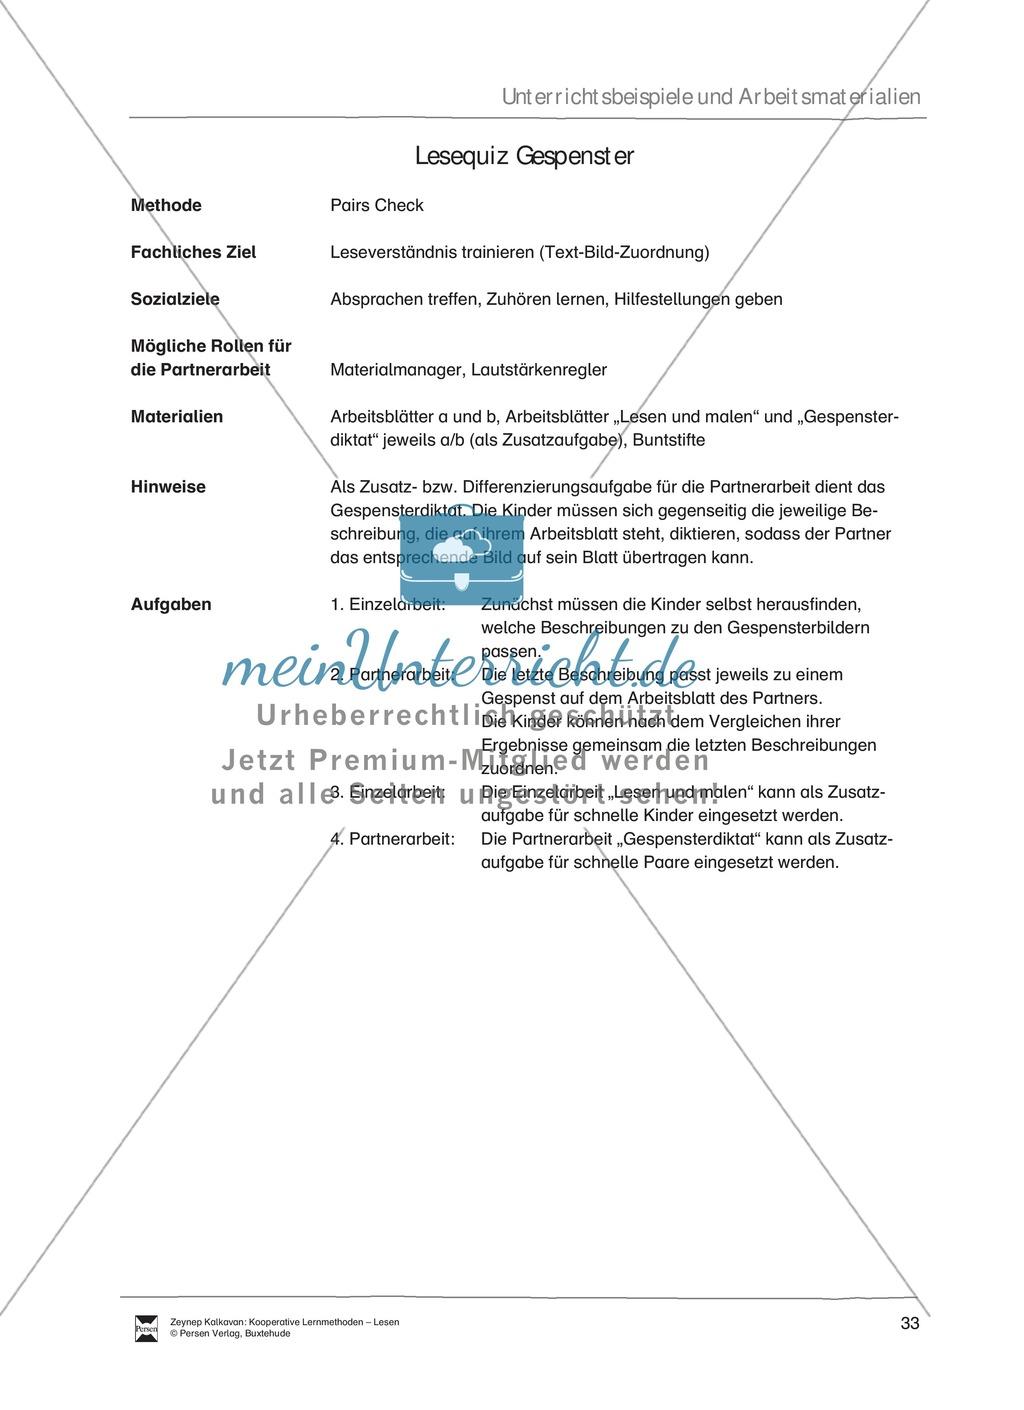 Unterrichtsbeispiel: Lesequiz Gespenster: Arbeitsanweisungen ...